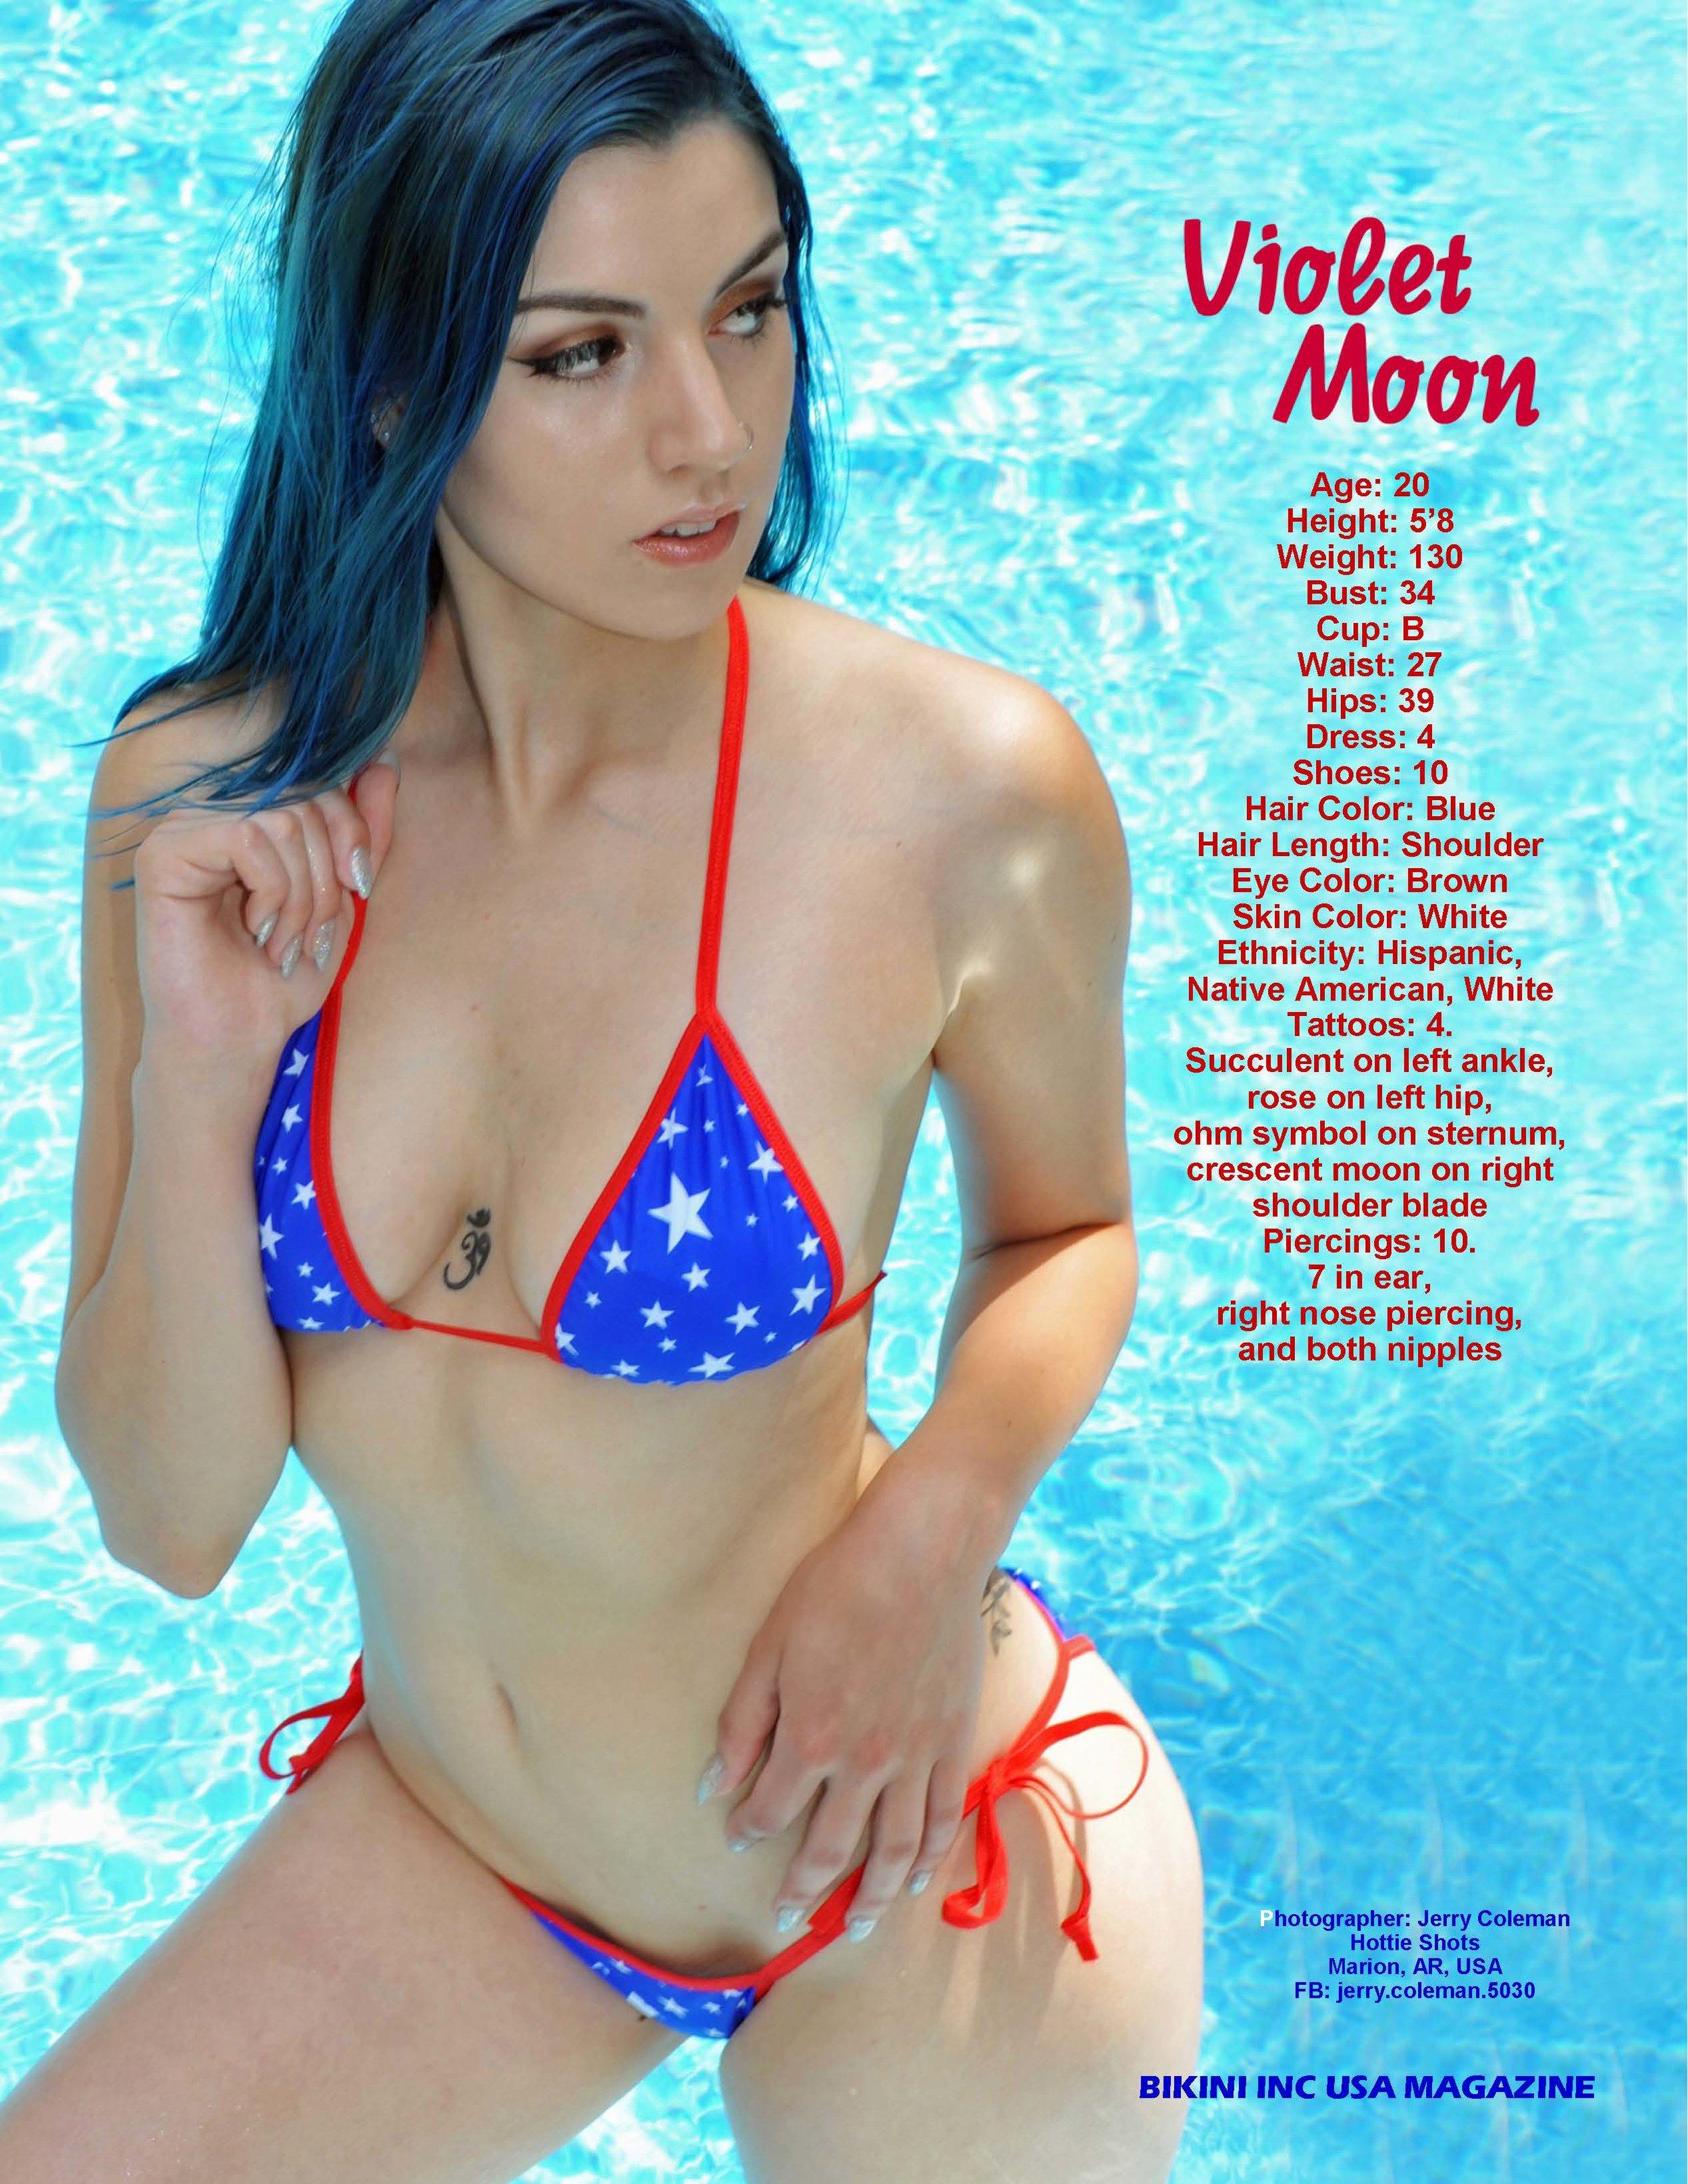 Violet Moon - Jul 2018